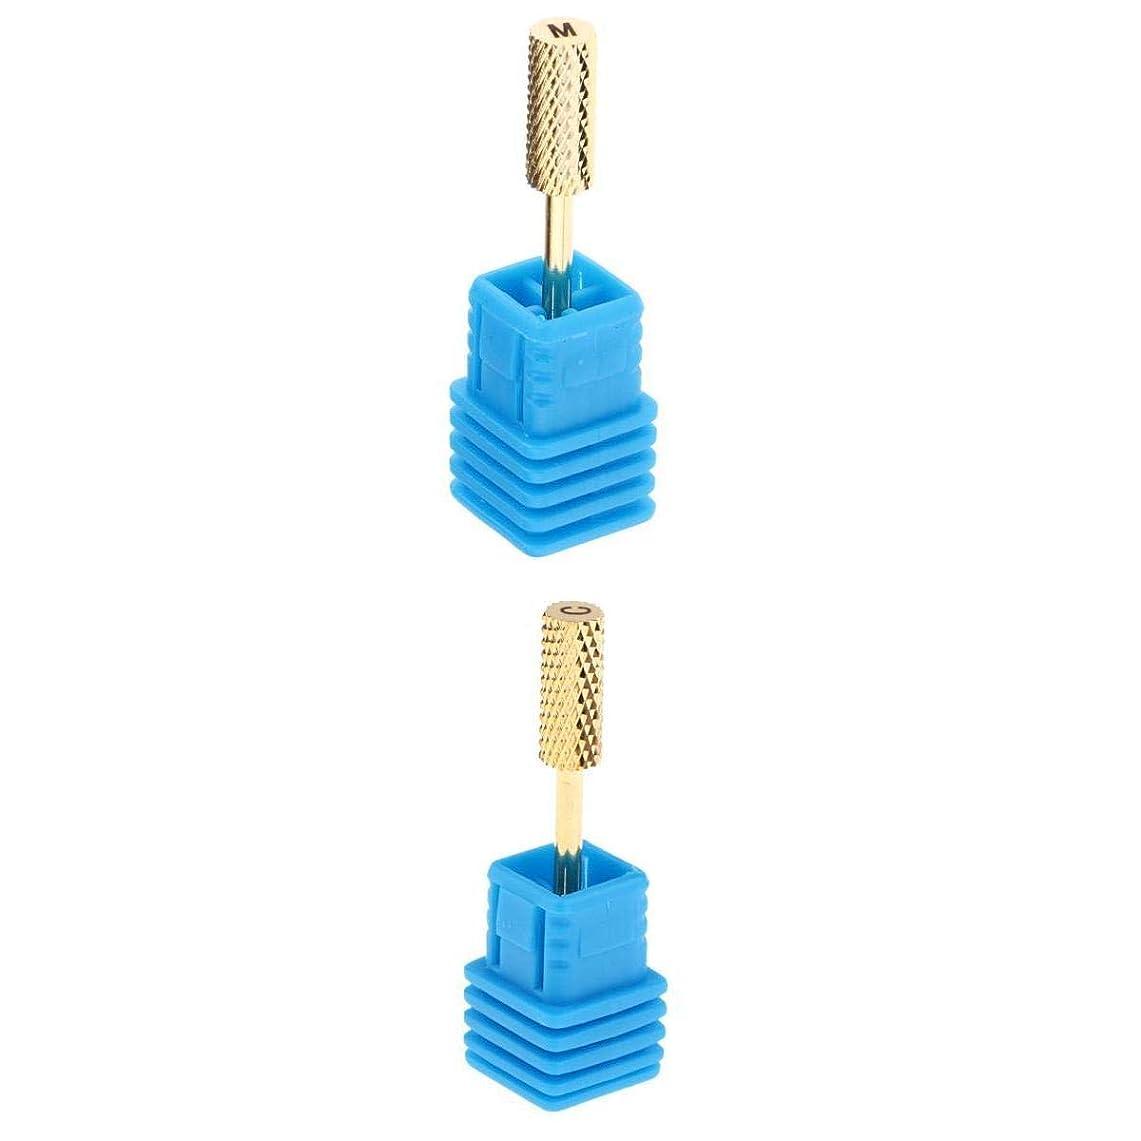 シリアルハードインスタントT TOOYFUL マニキュア研削ヘッド ネイル道具 アクリルネイル用ツール ネイルケア ネイルサロン用 2個セット